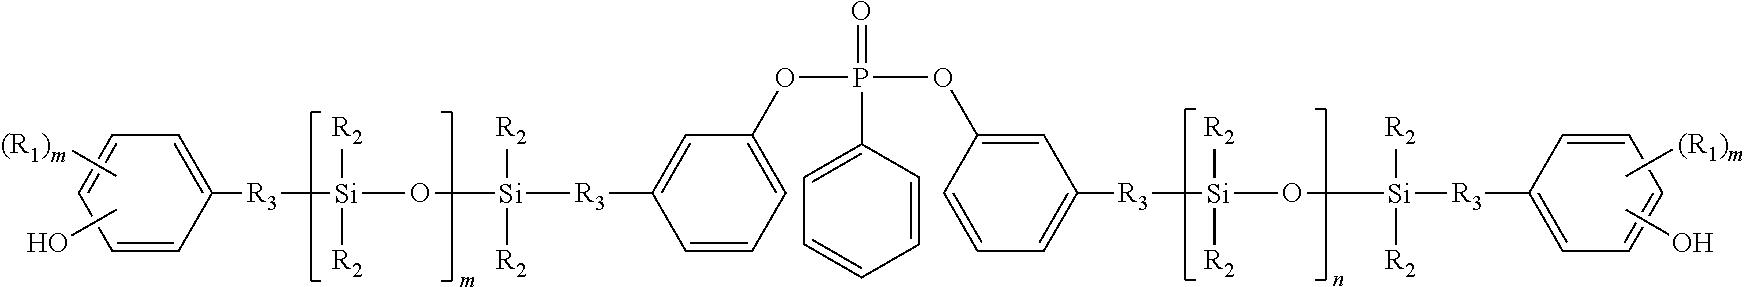 Figure US20160122477A1-20160505-C00013